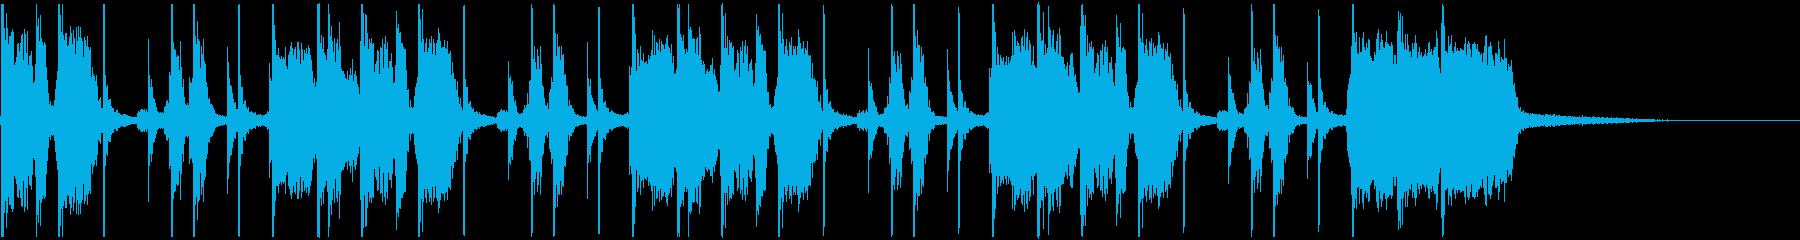 ファンク・ハードロック・バンド・バトルBの再生済みの波形